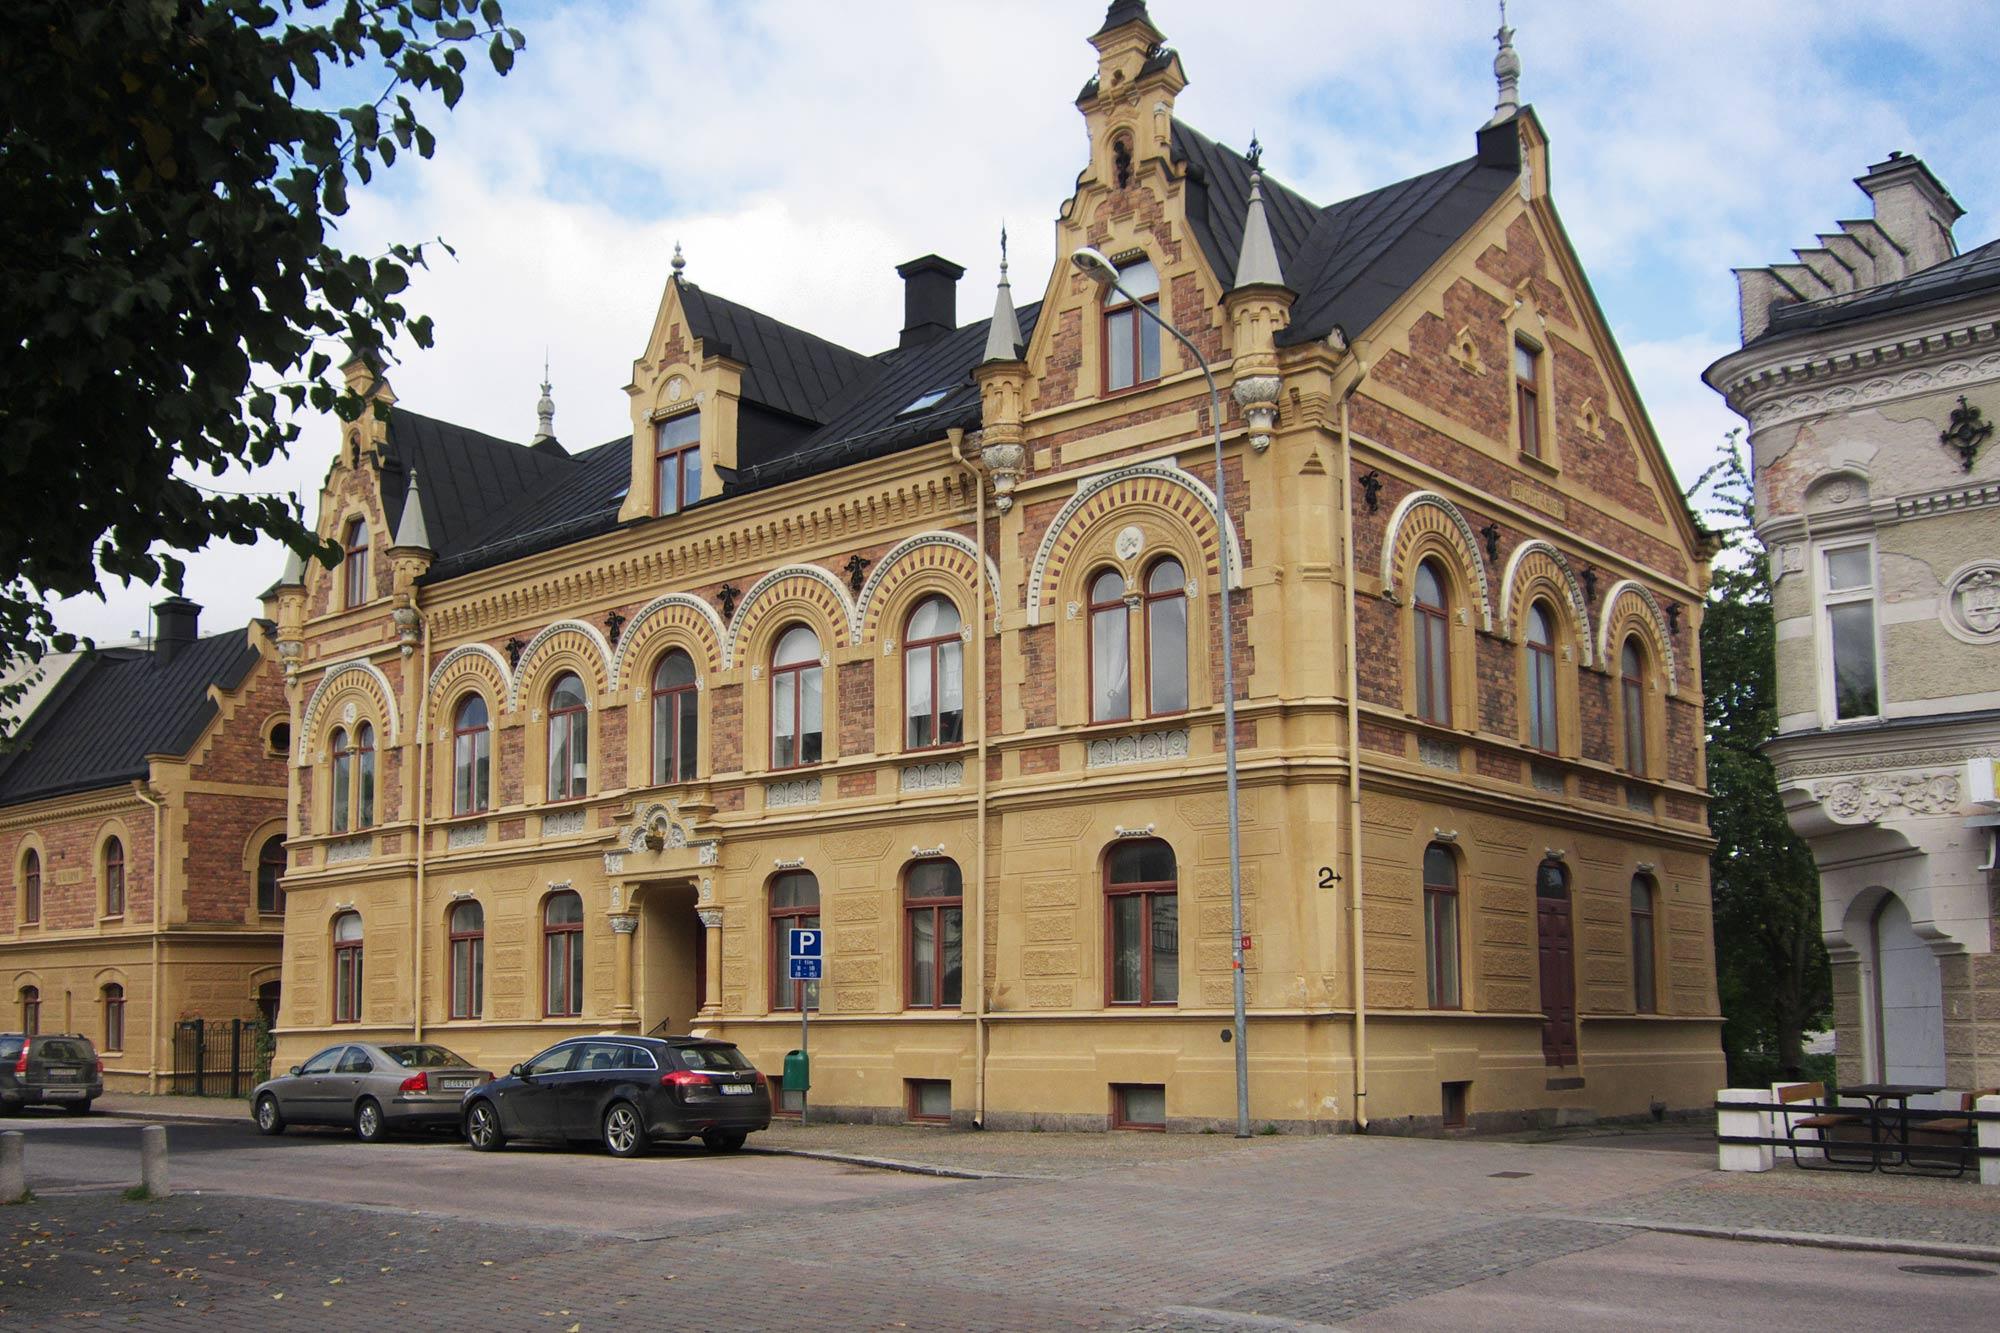 Låssmed Köping